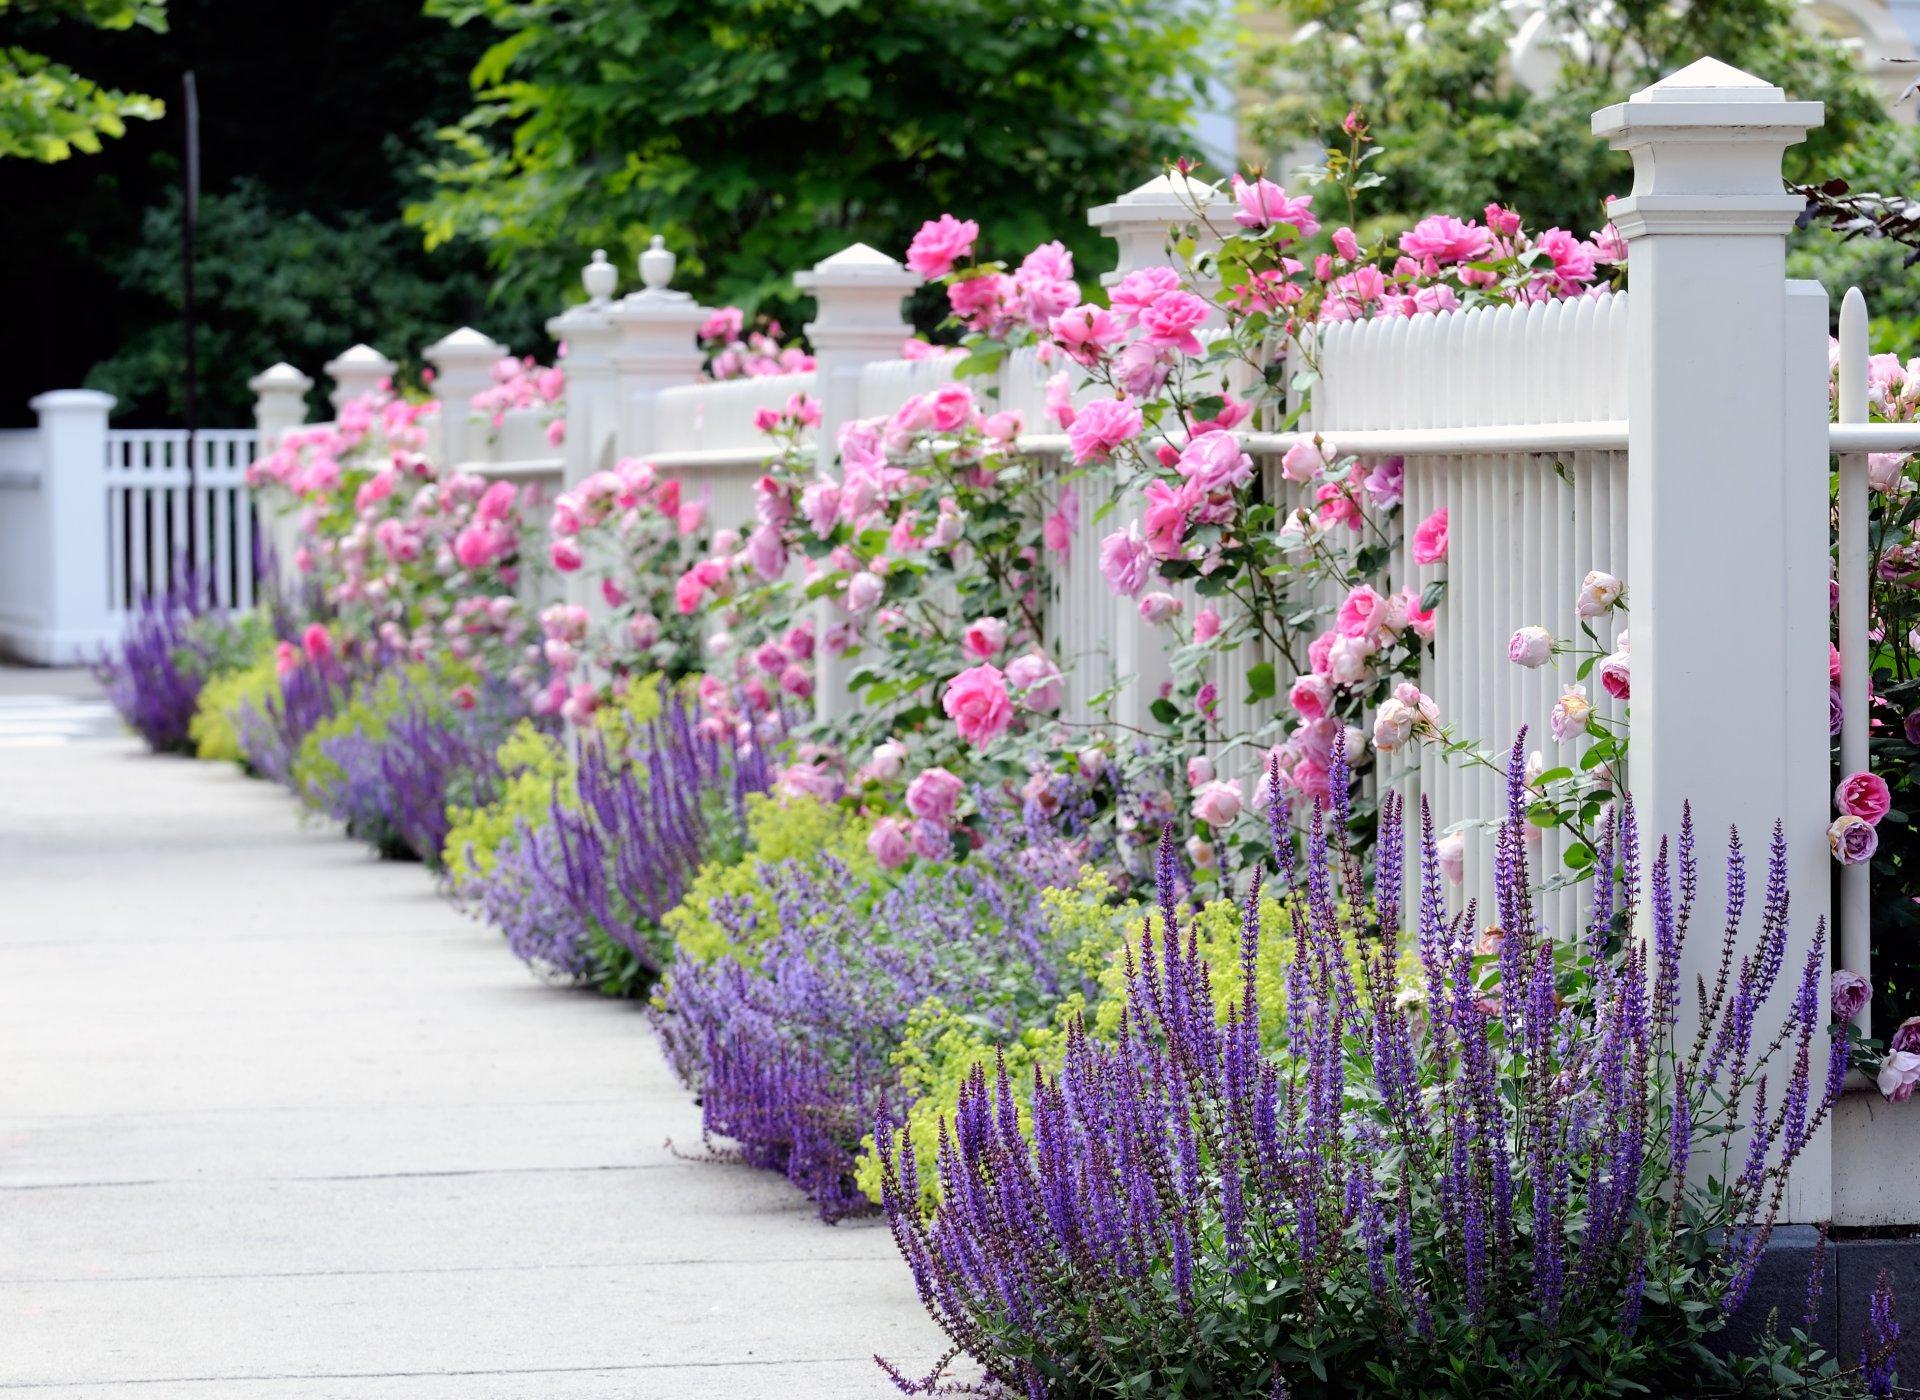 обои на рабочий стол цветы в саду на даче № 225493 без смс